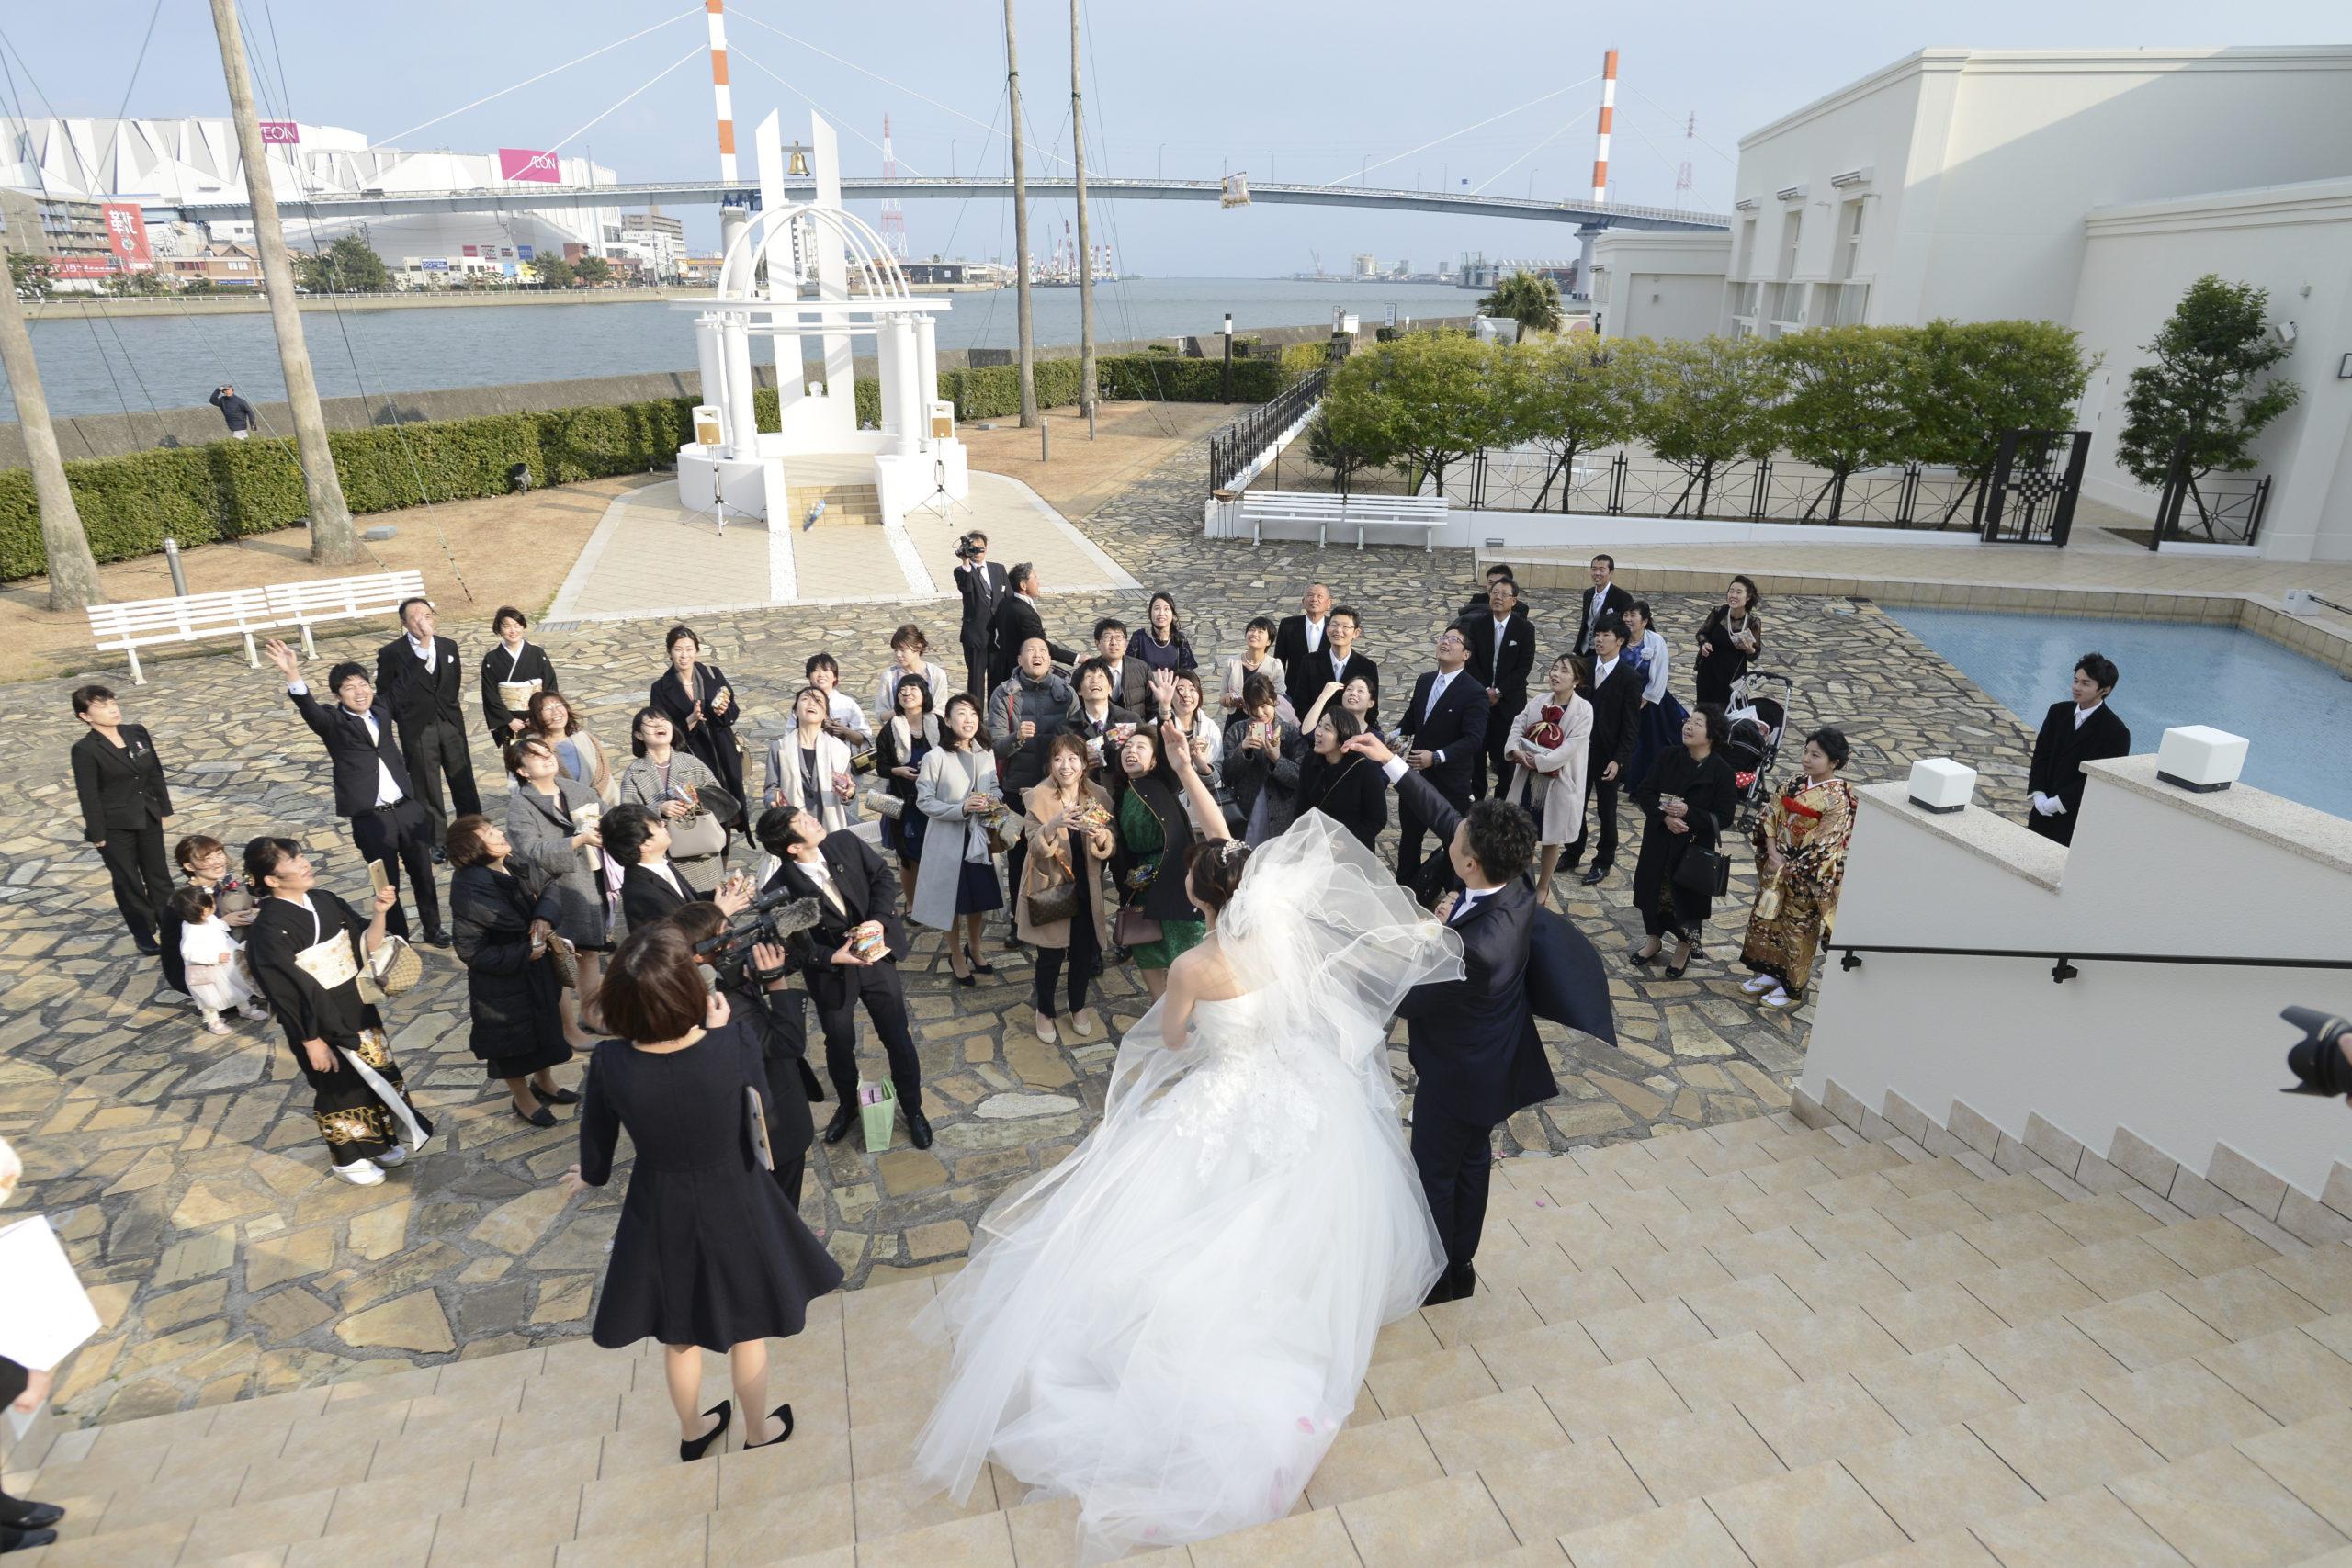 徳島市の結婚式場ブランアンジュの大階段でアフターセレモニーをする新郎新婦様とゲスト様